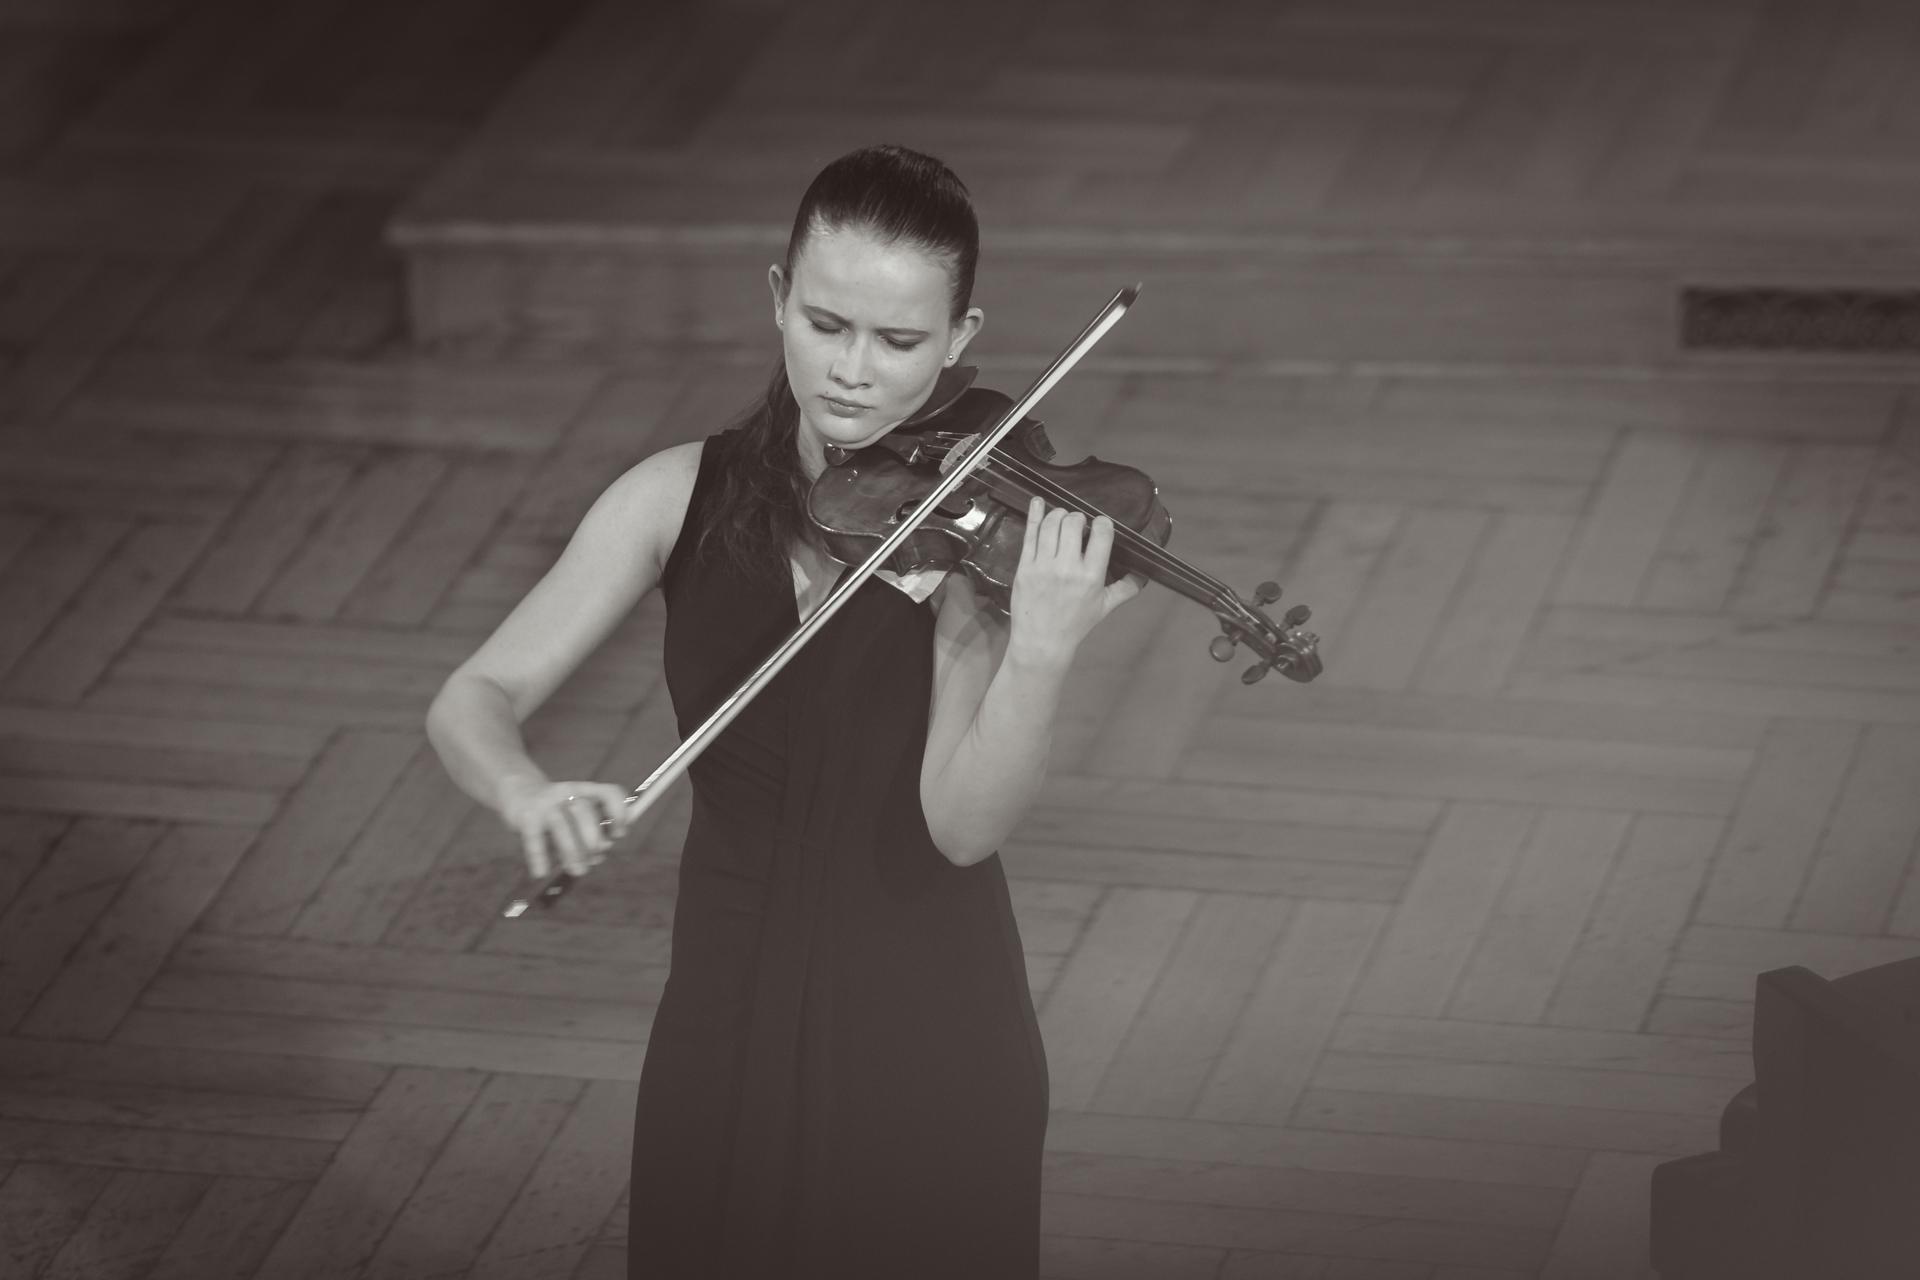 Maria Kouznetsova (Rosja/Francja) - Etap 2 - 15. Międzynarodowy Konkurs Skrzypcowy im. H. Wieniawskiego BINAURAL | na słuchawki